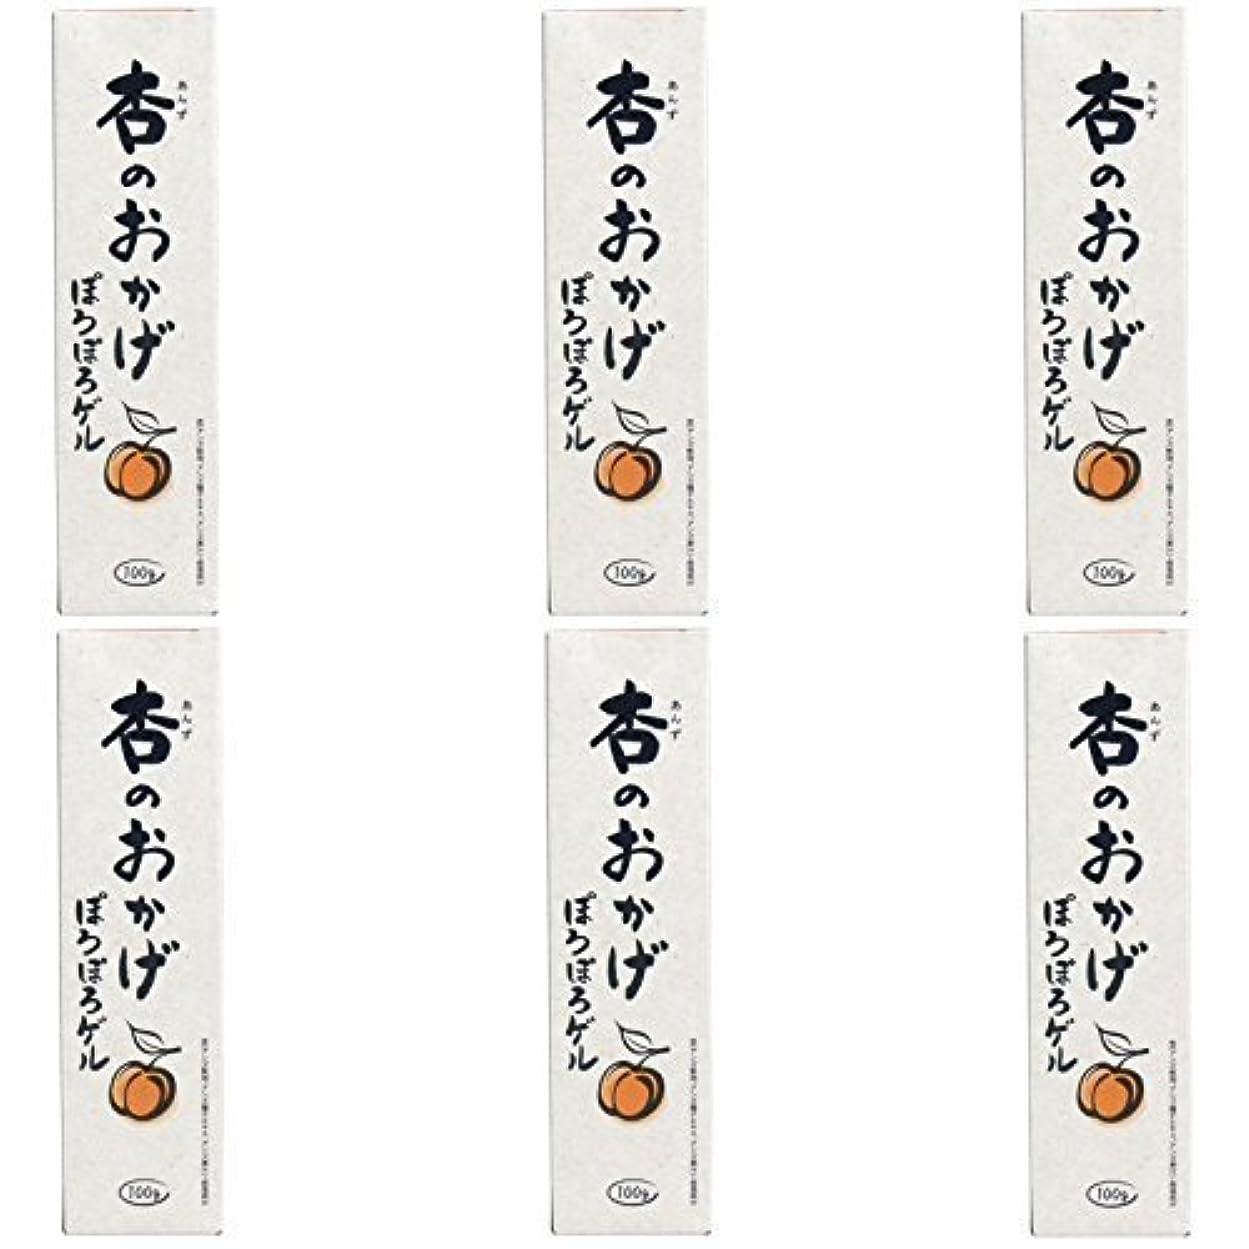 ナサニエル区亜熱帯薄汚い【まとめ買い】杏のおかげ ぽろぽろゲル 100g【×6個】